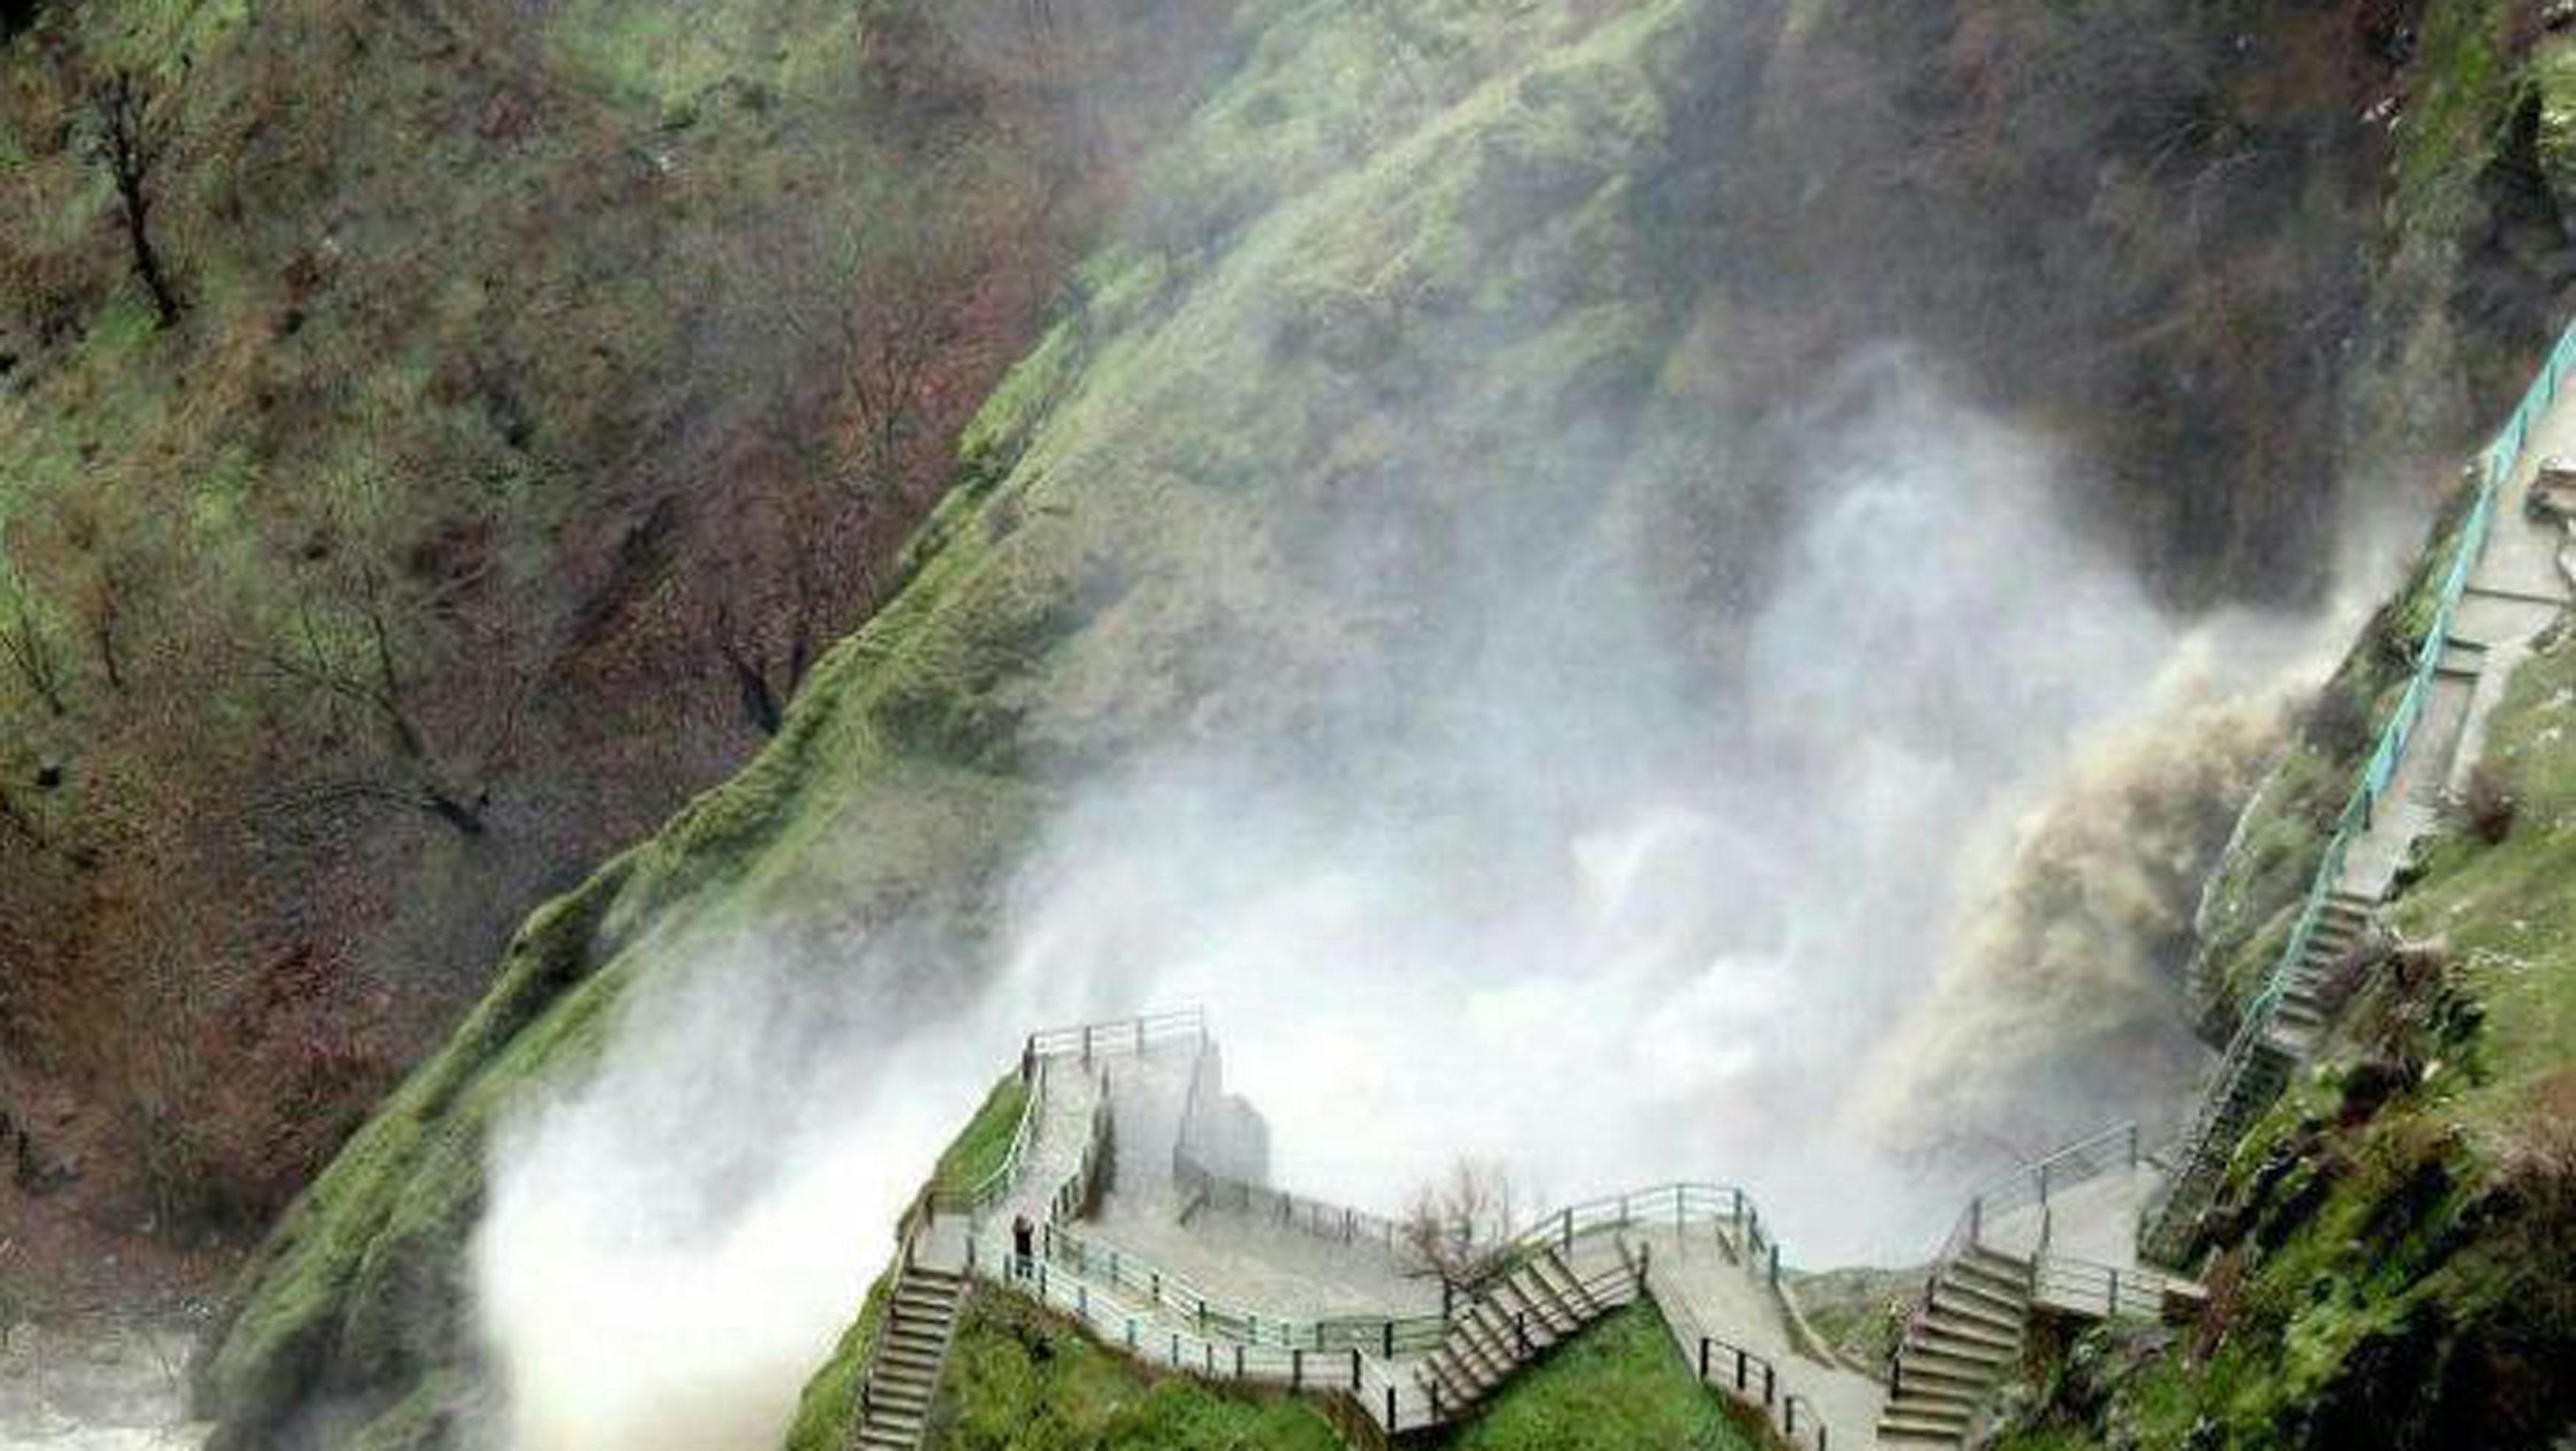 تور تخت سلیمان آبشار شلماش 28 مرداد 98